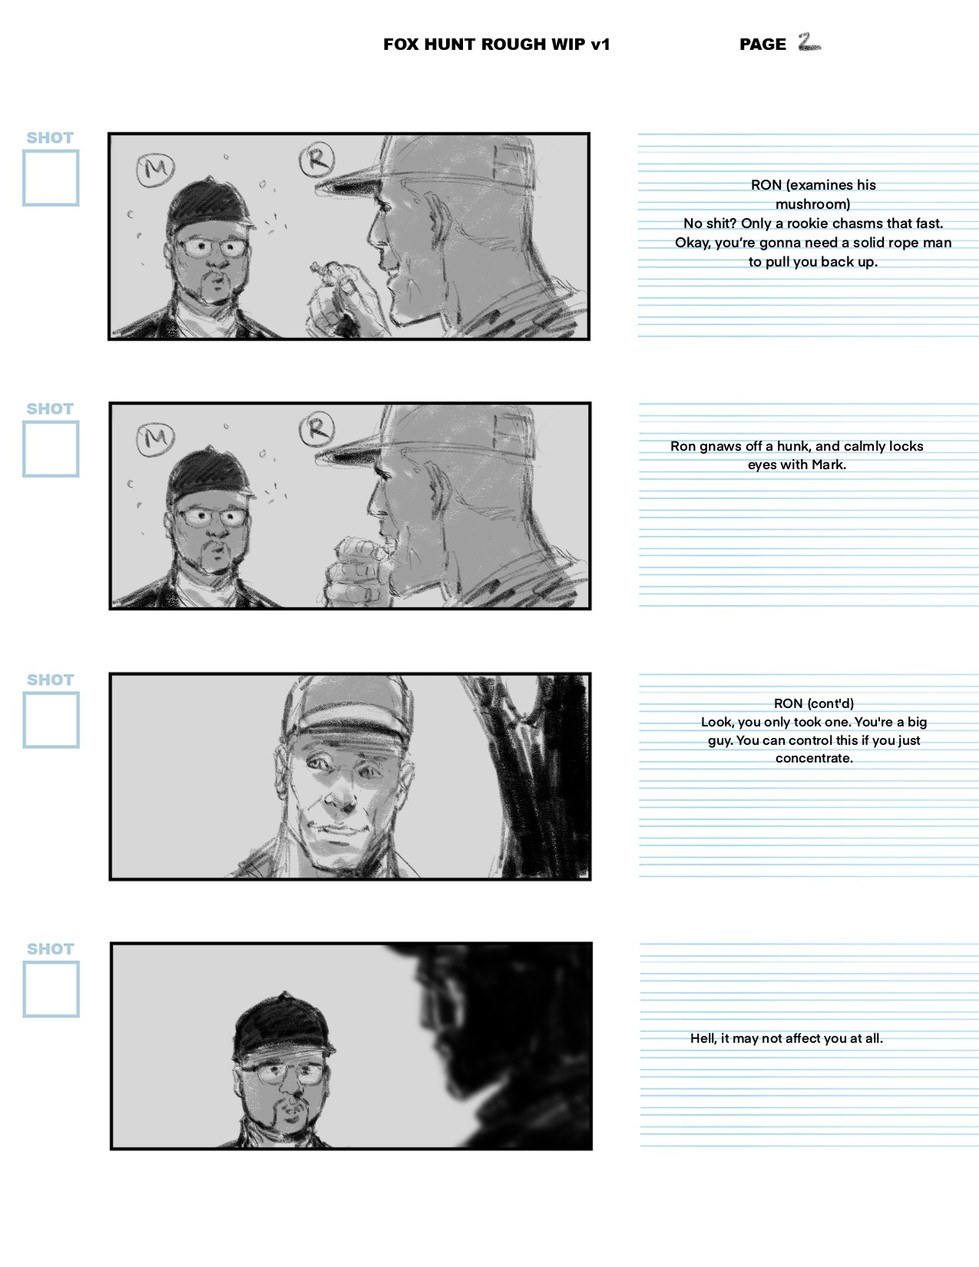 FH pg2.JPG